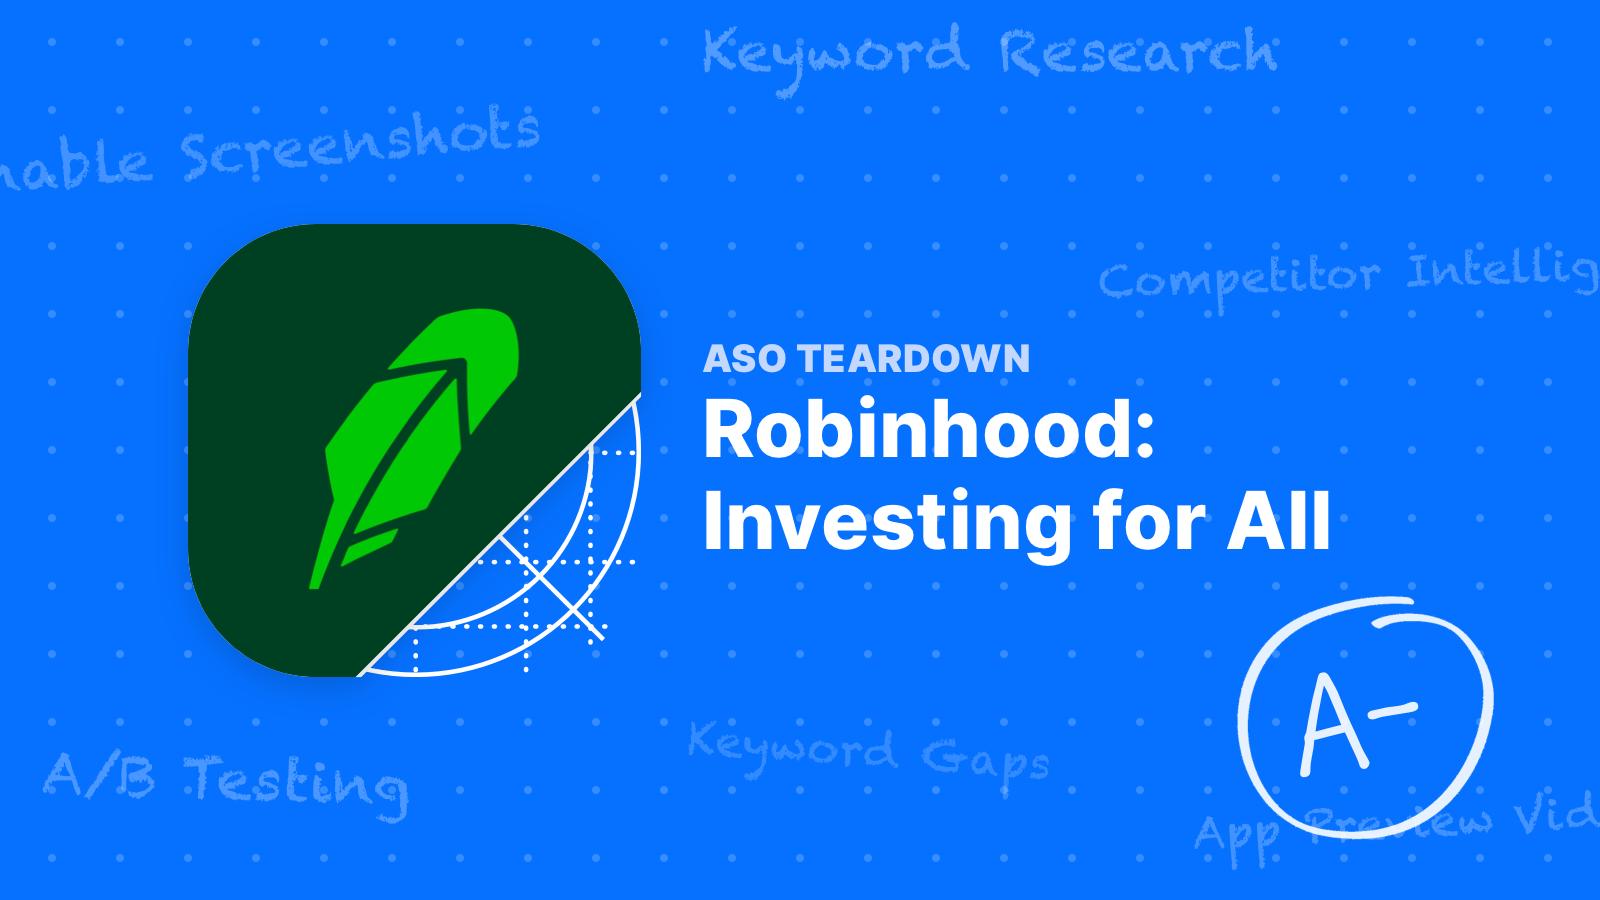 ASO Teardown – Robinhood is Good but not Great